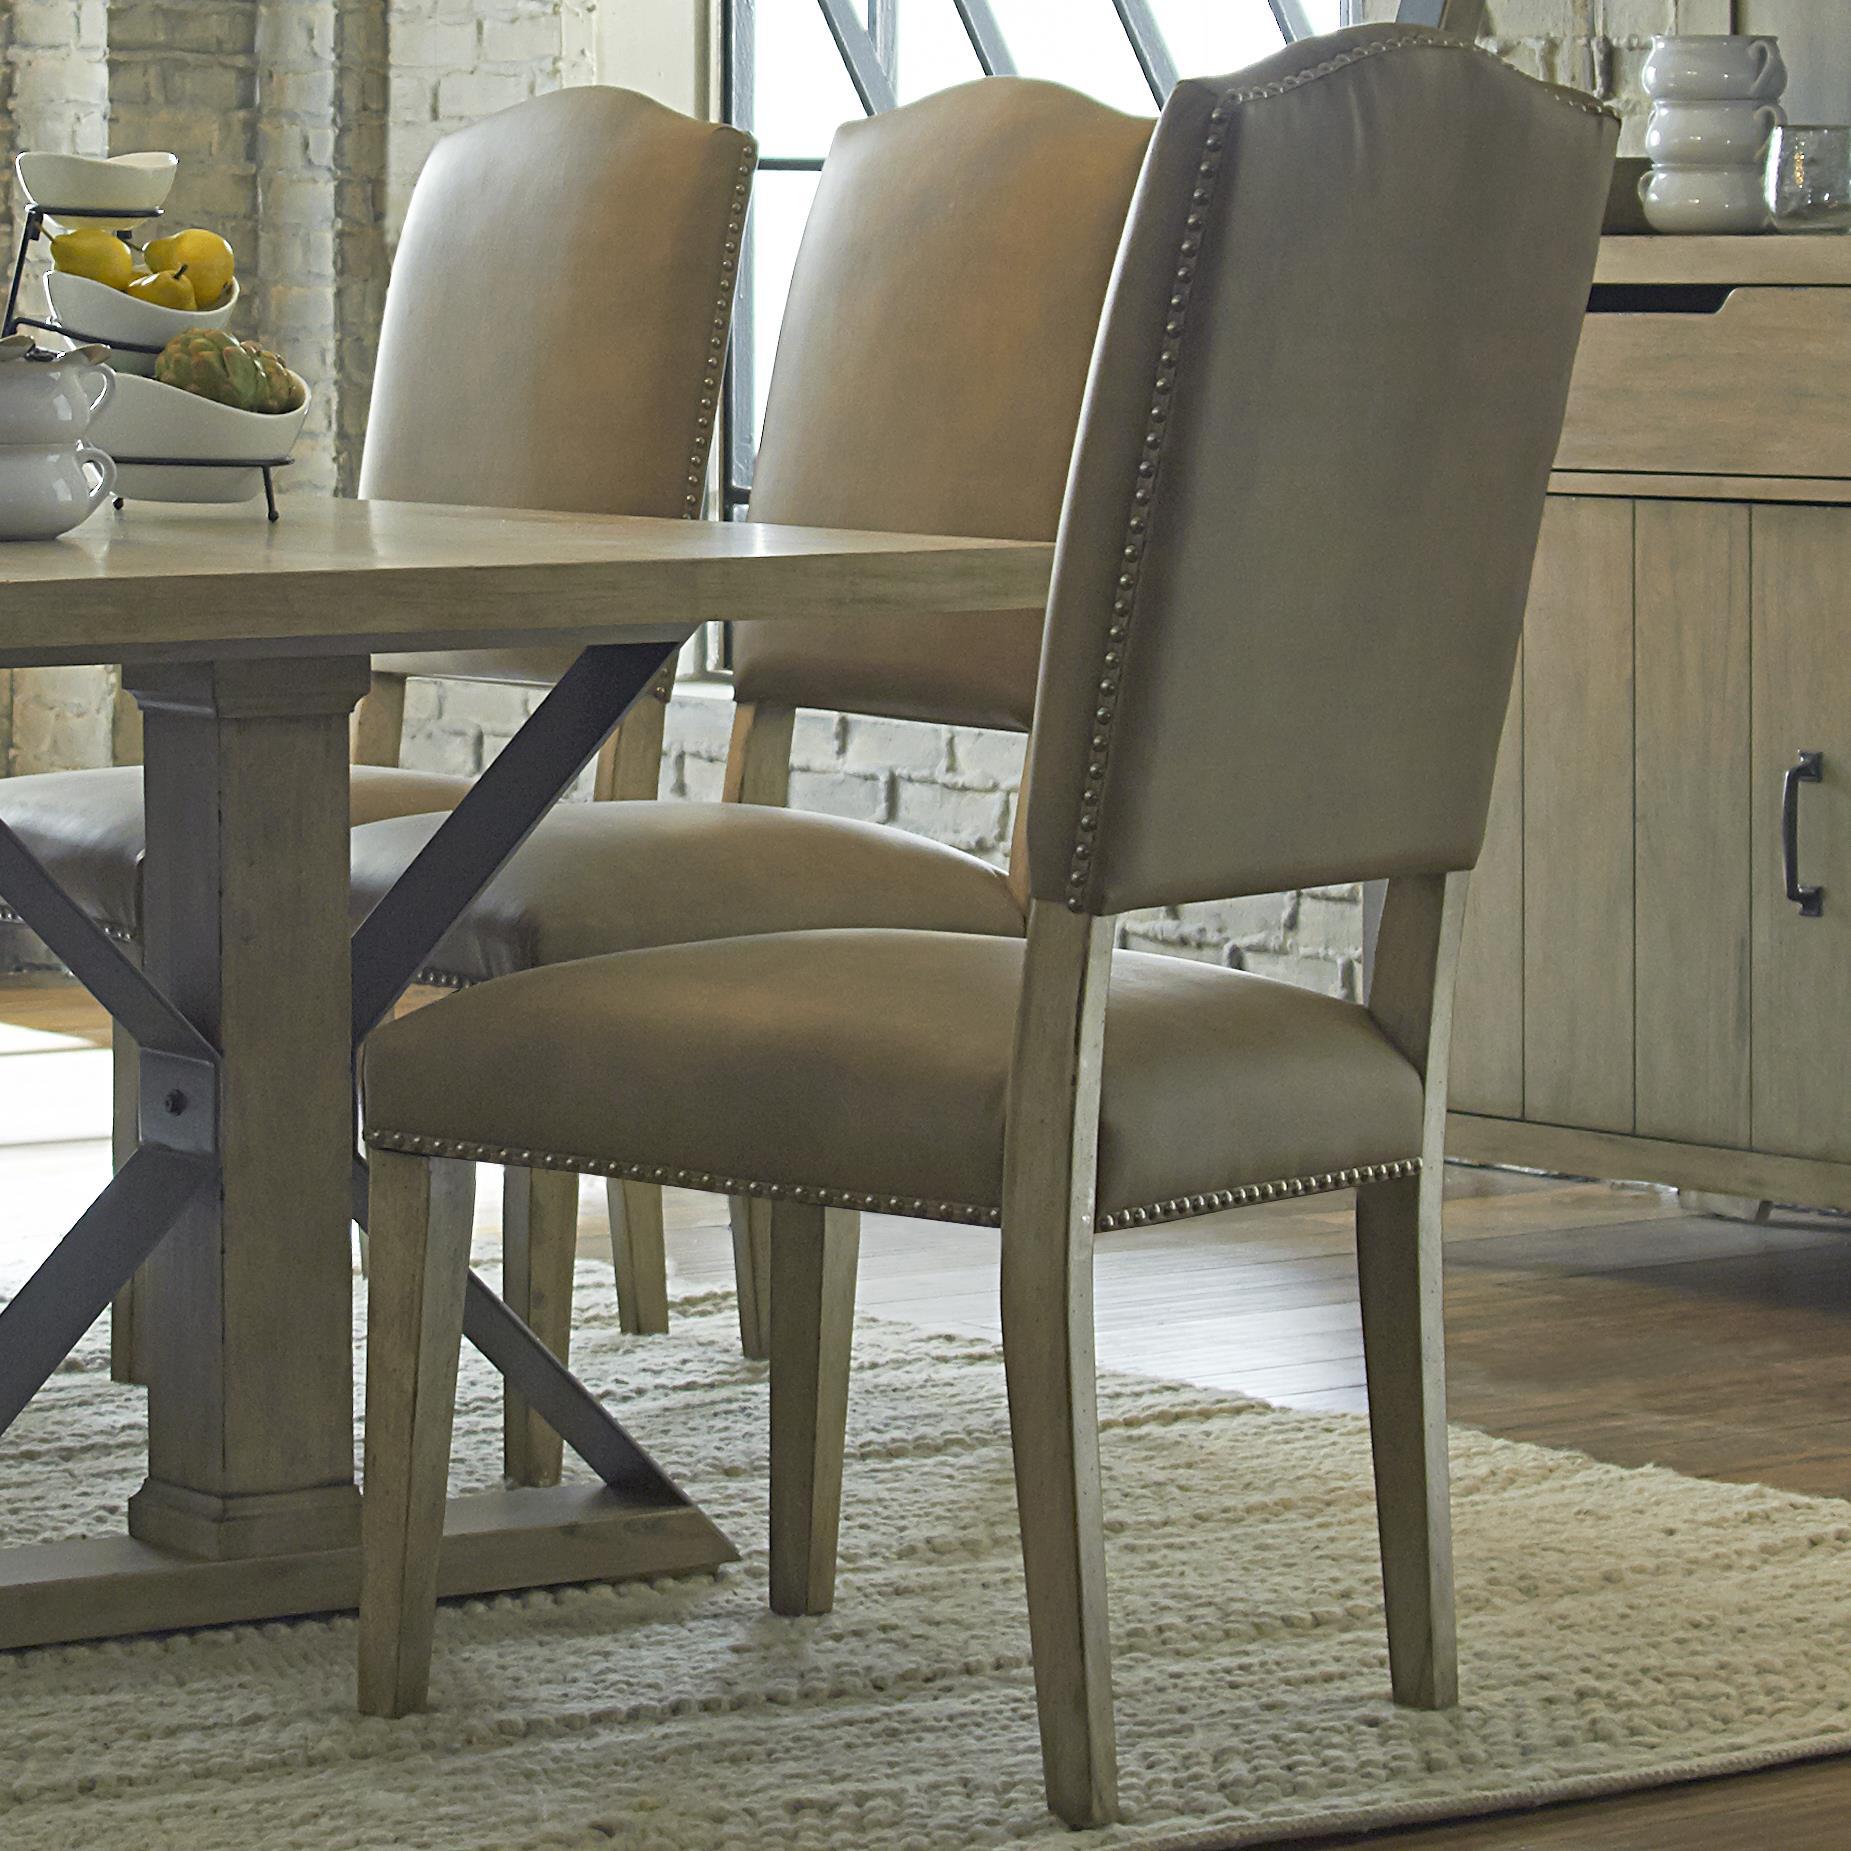 Progressive Furniture Shenandoah Dining Chair - Item Number: P870-61